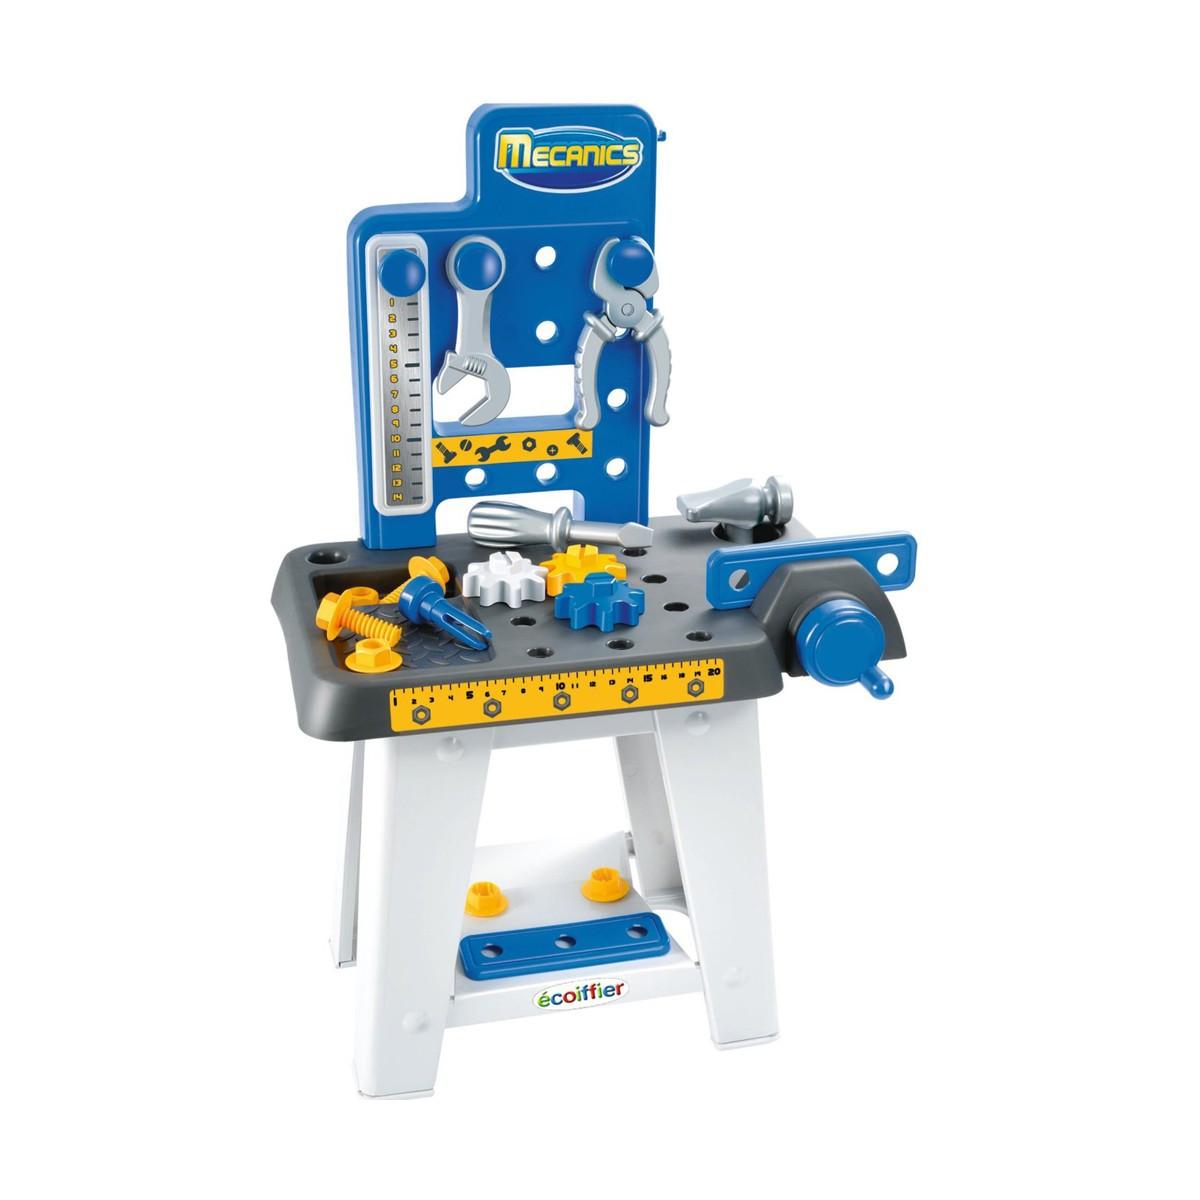 Игровой набор «Ecoiffier» (002404) мини-мастерская с верстаком, тисками и молотком, 25 предметов